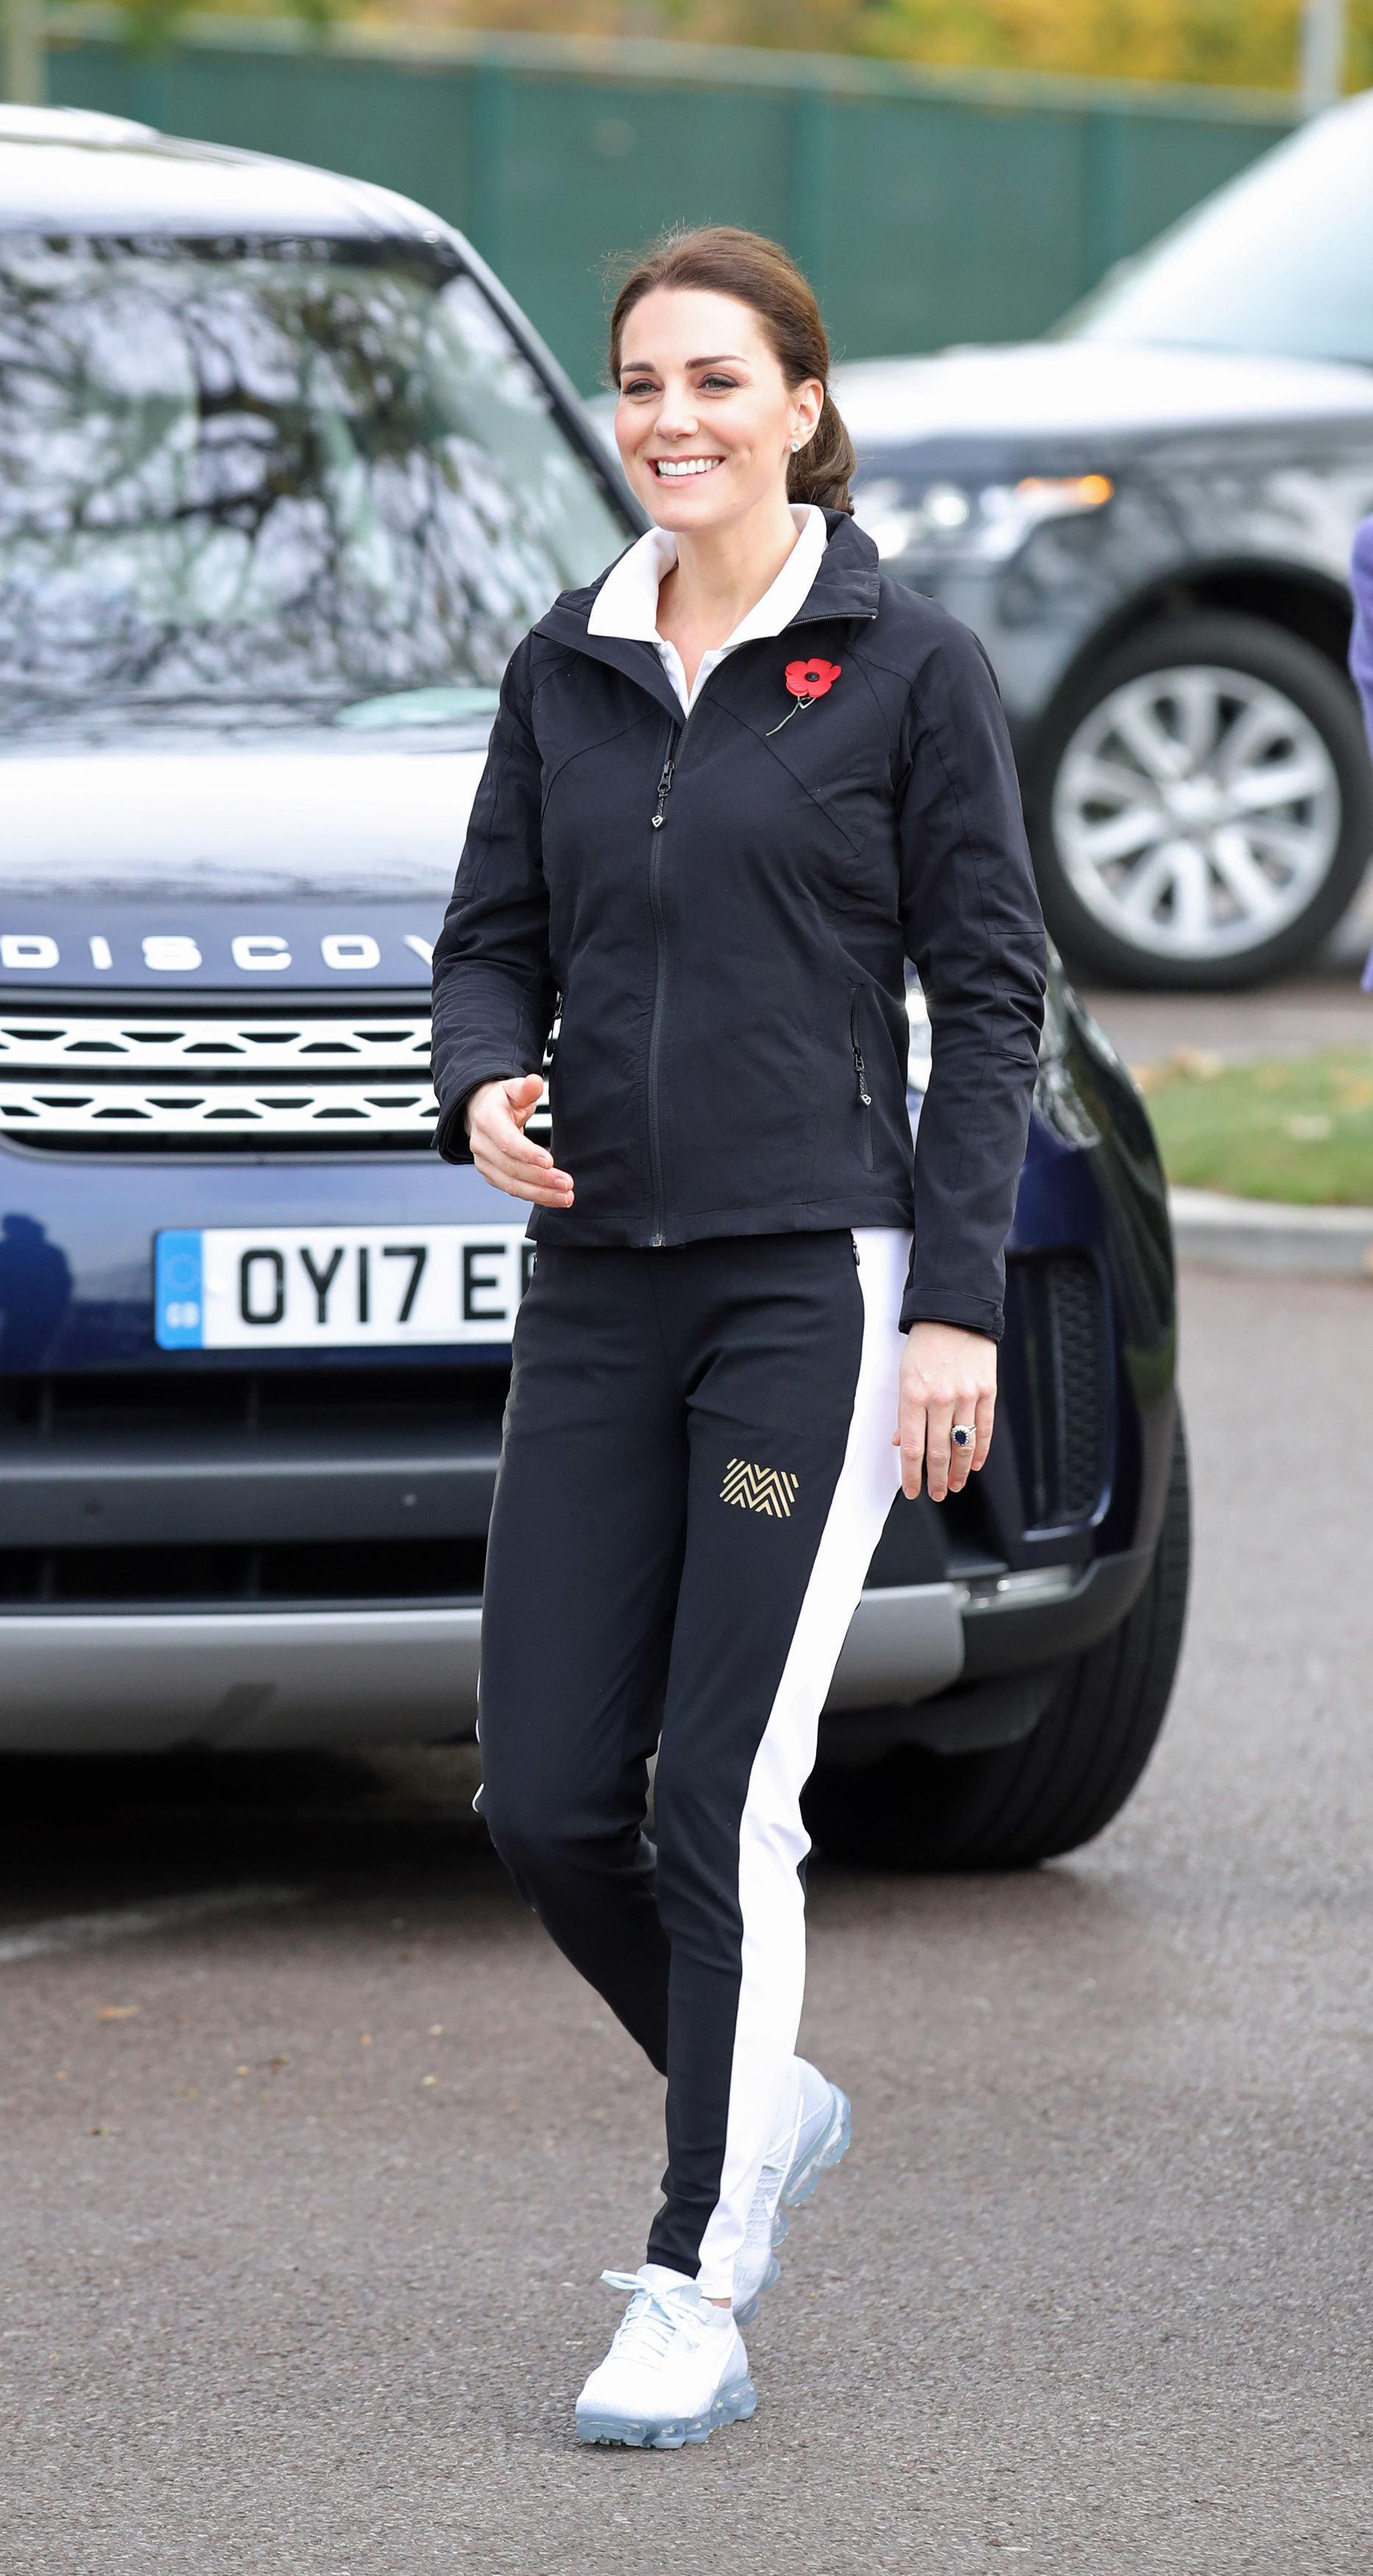 Kate Middleton Seeks Advice On Teaching Prince George